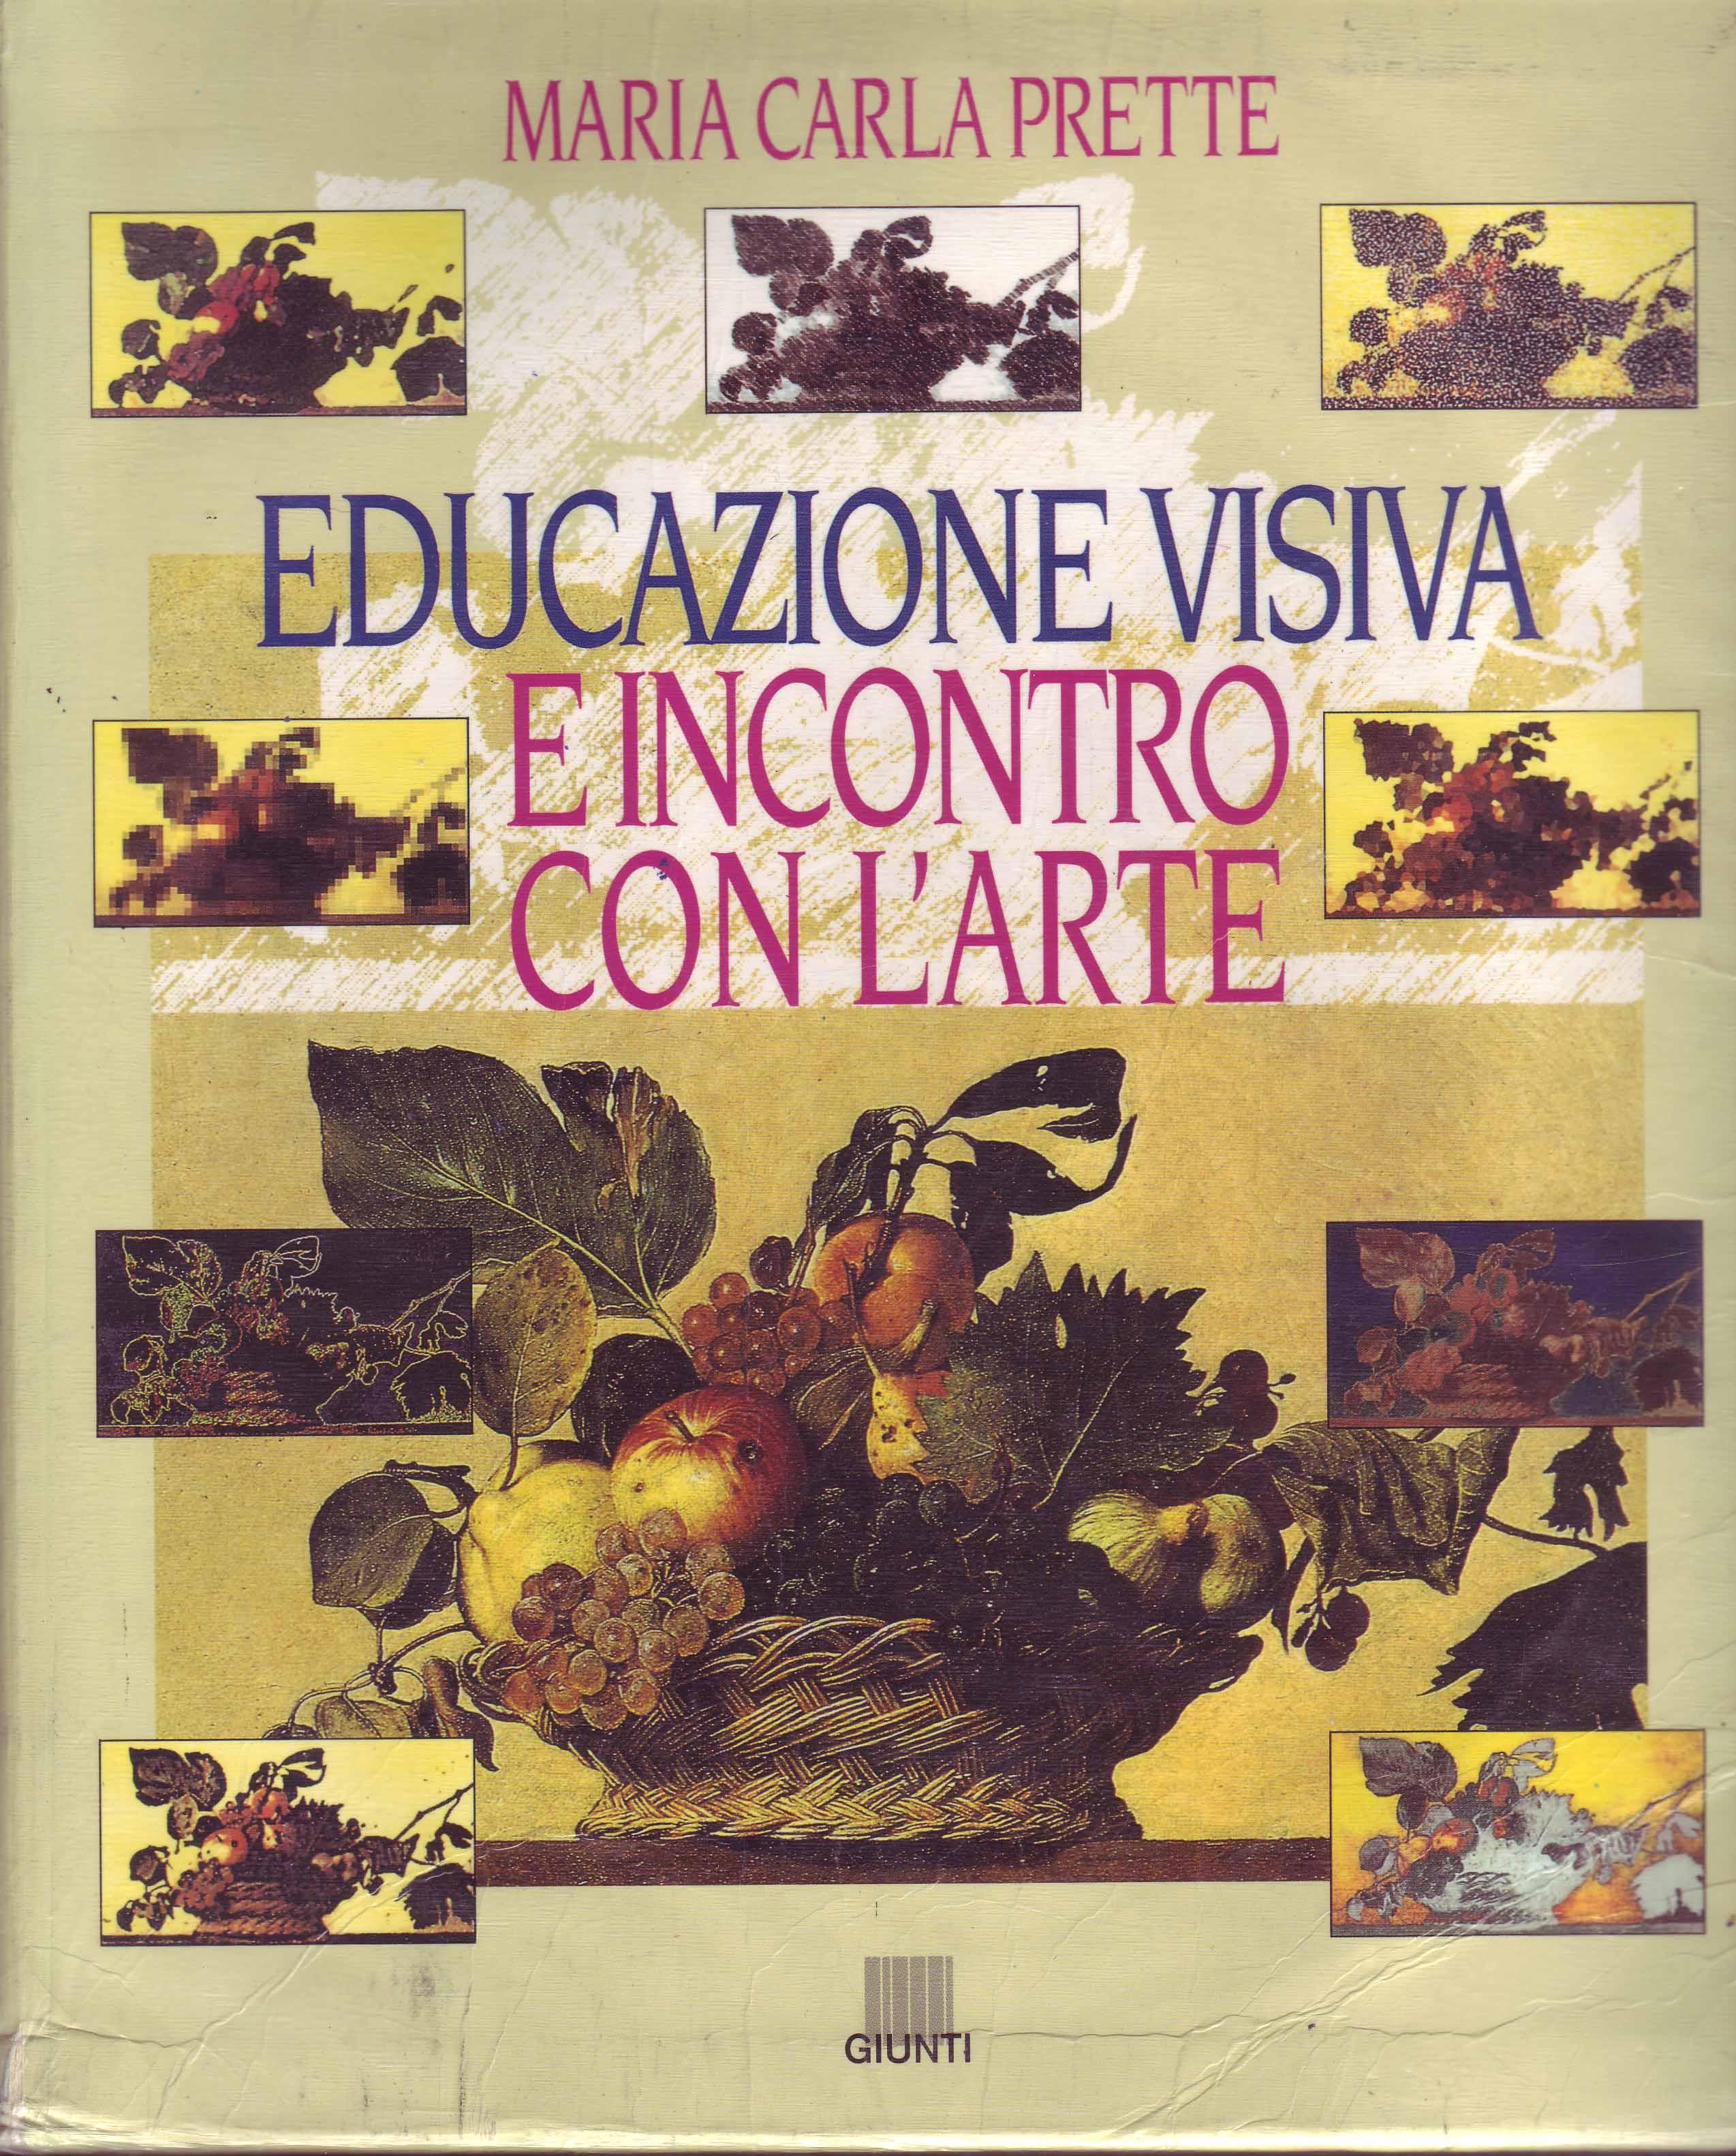 Educazione visiva e incontro con l'arte